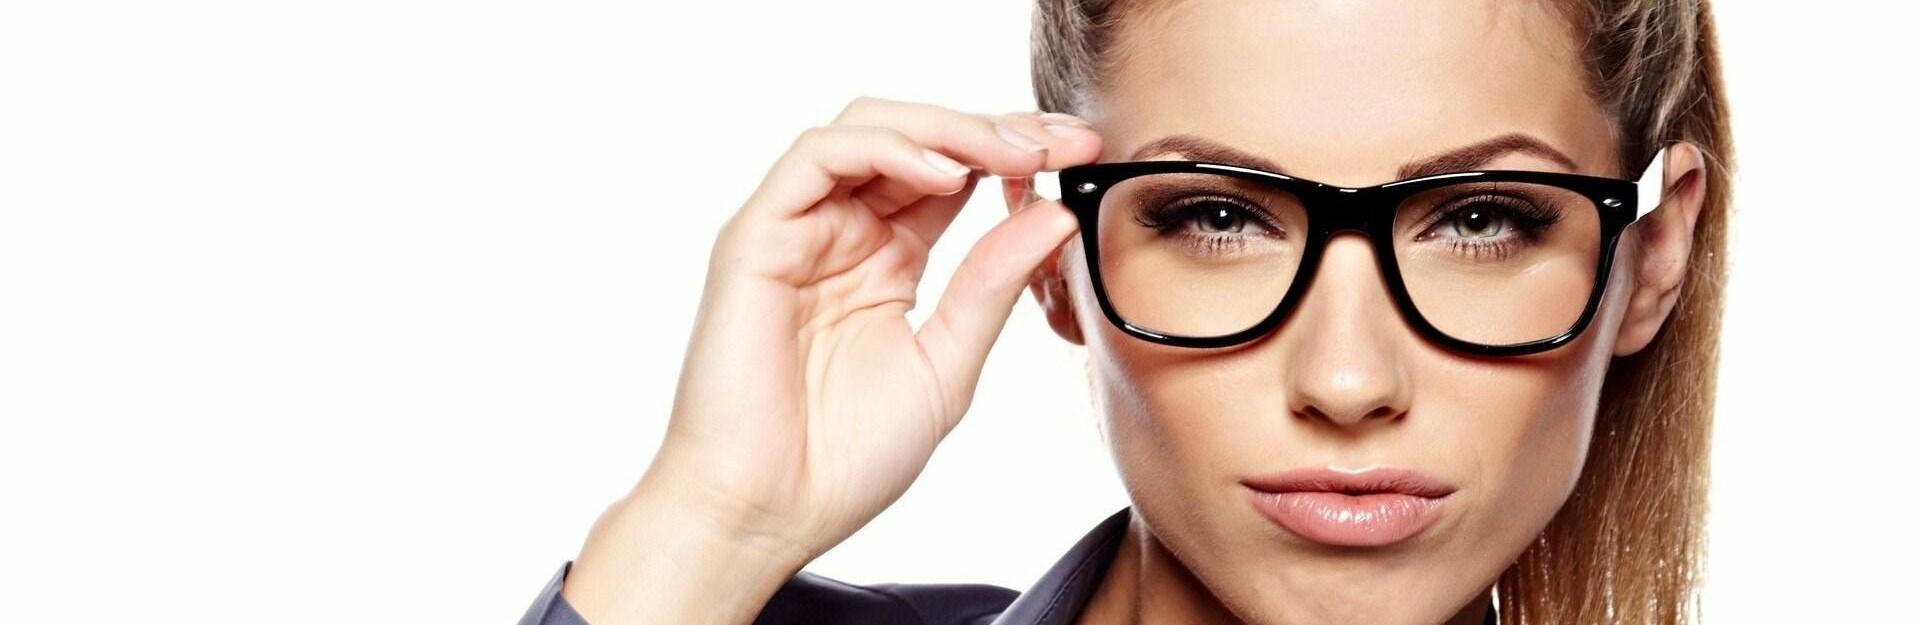 Здоров я Ваших очей  де в Івано-Франківську можна придбати якісні та  стильні окуляри c7be0ca94ce12